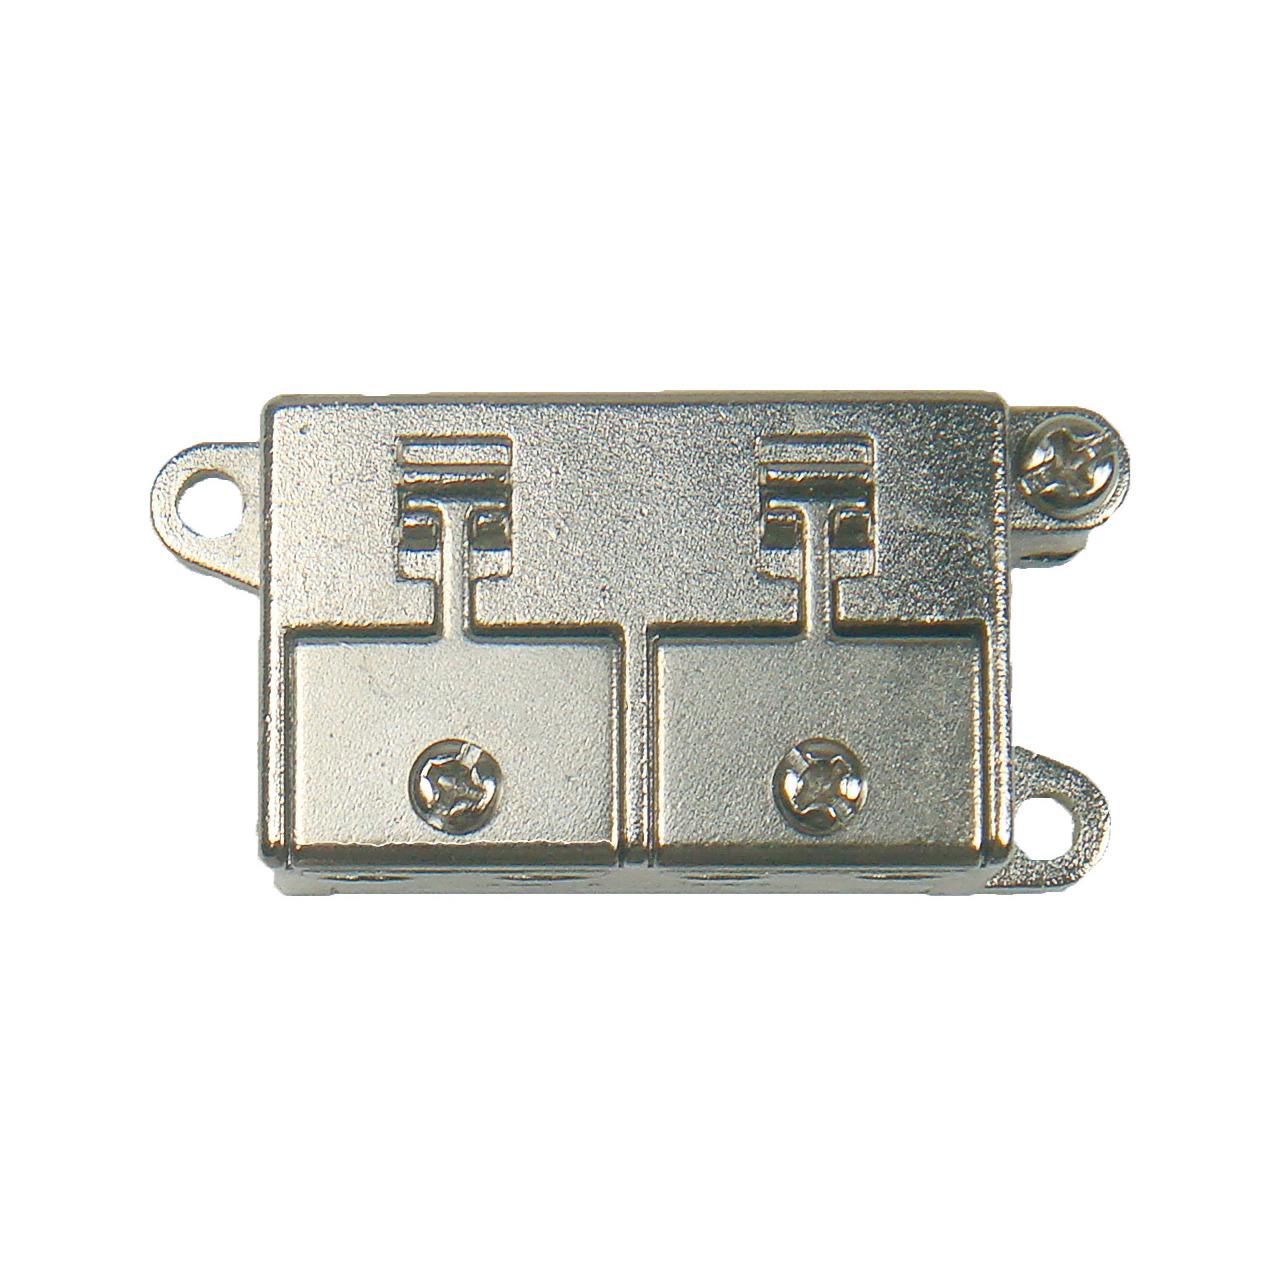 DUR-line 2-fach Mini-BK-Sat-Verteiler- kleine Bauform- ideal für Unterputzmontage (Unterputzdosen)